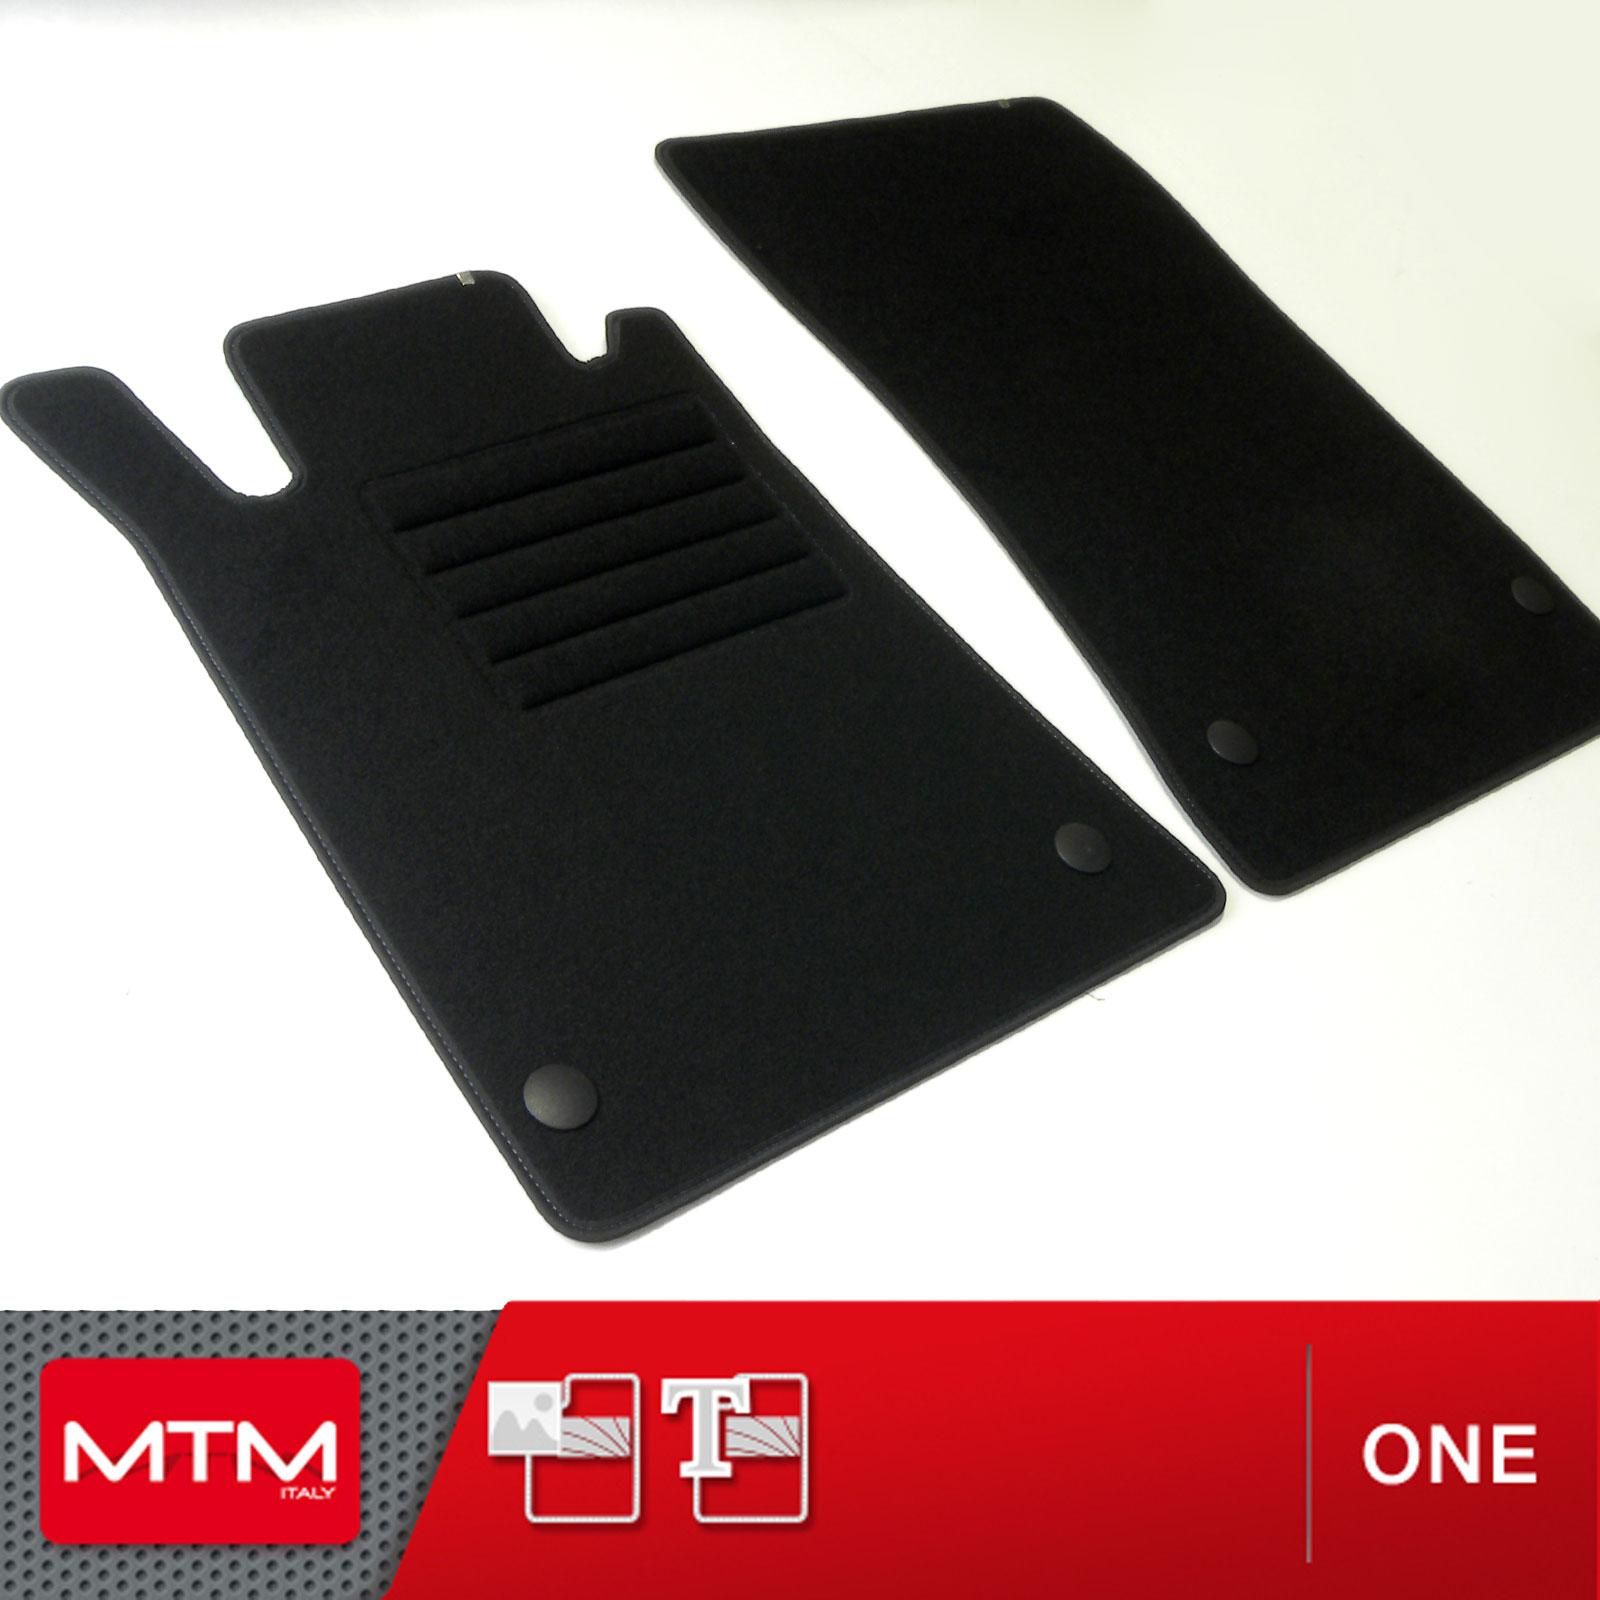 MTM Tapis de sol CLK cod Sur Mesure en Velours Noir One W209 de 2002 a 2010 fr1222